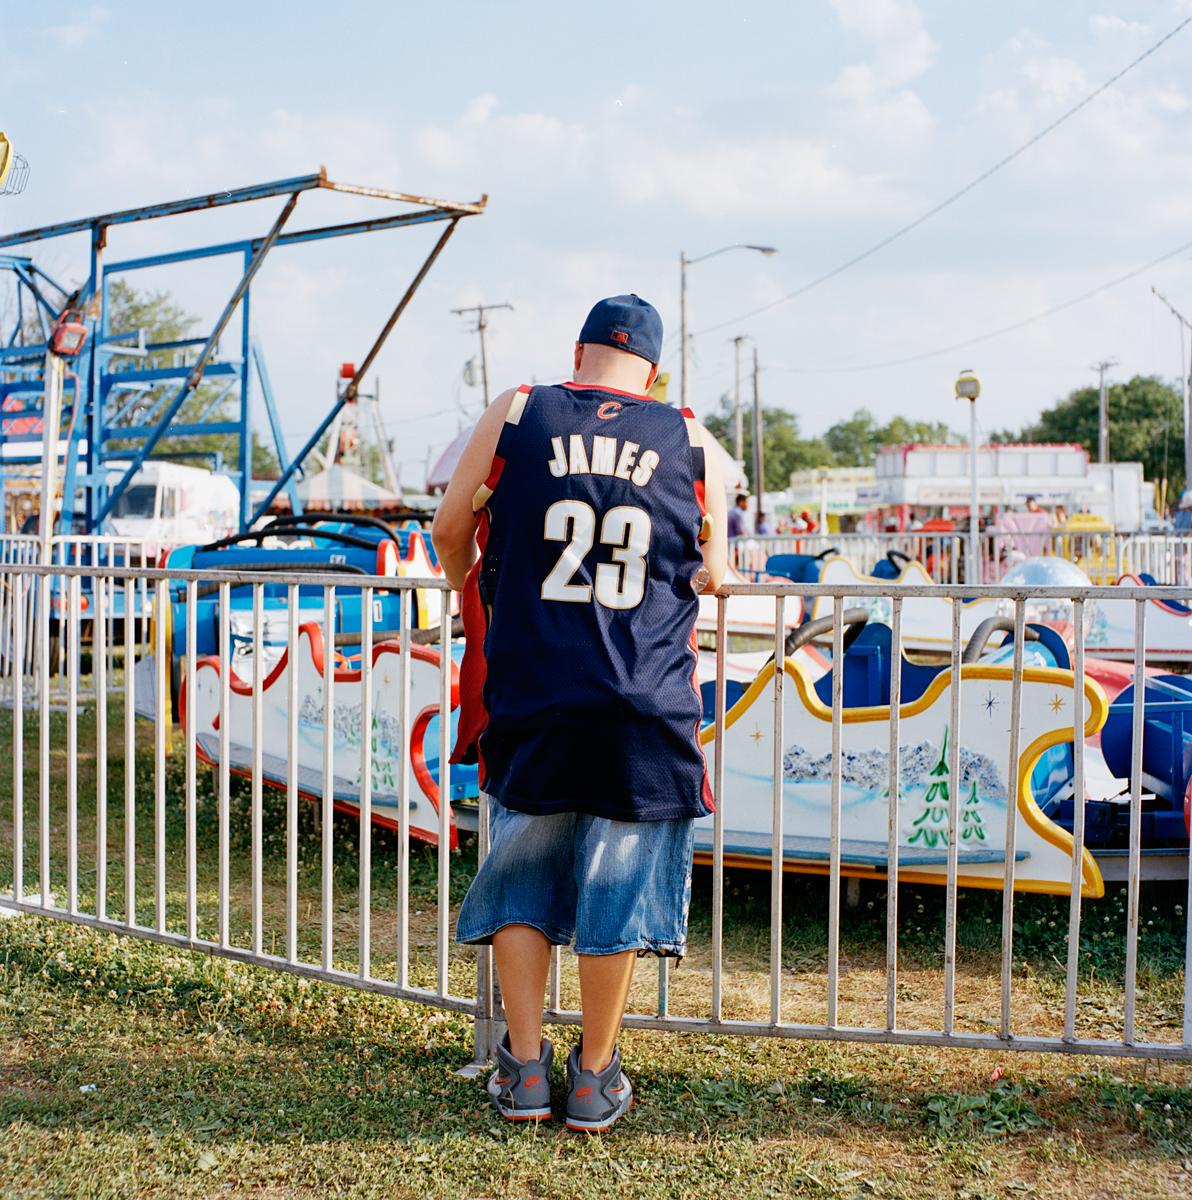 Lucas-County-Fair-Stephanie-Noritz-16.jpg